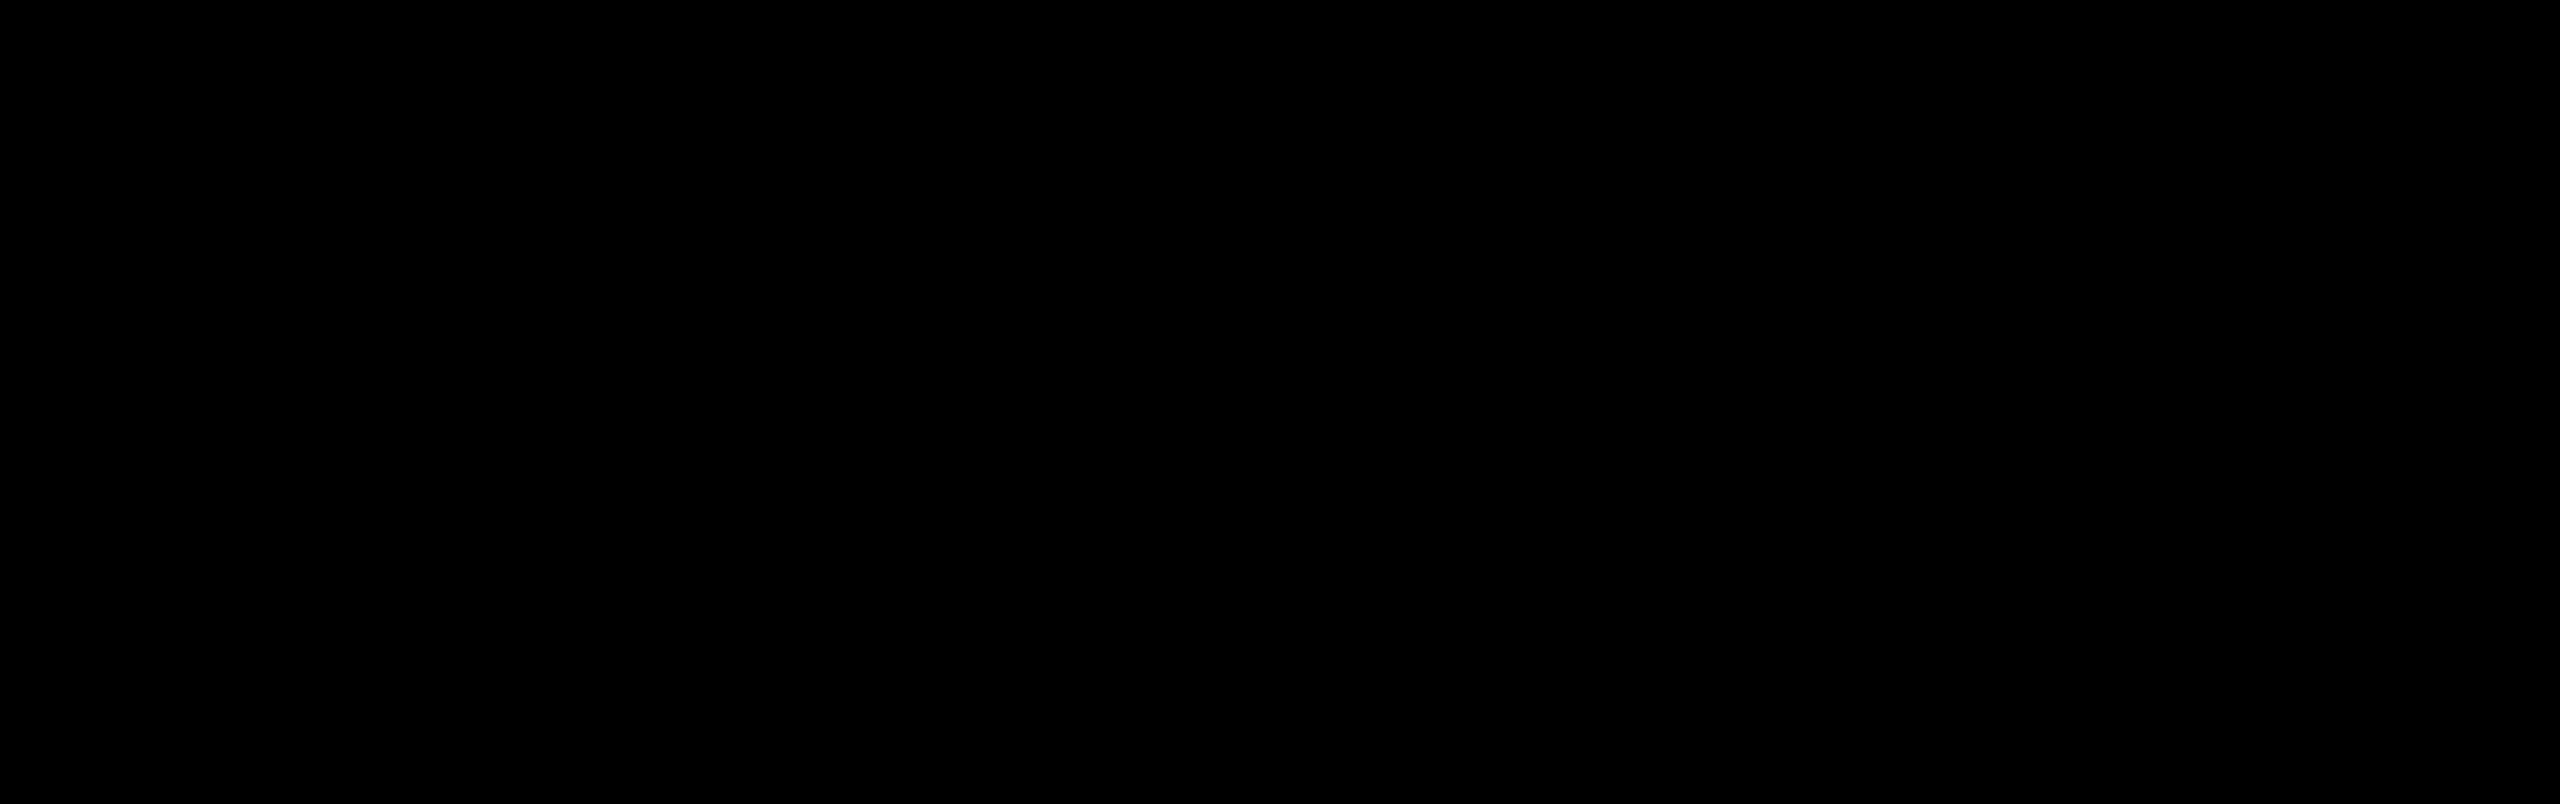 Borgallér